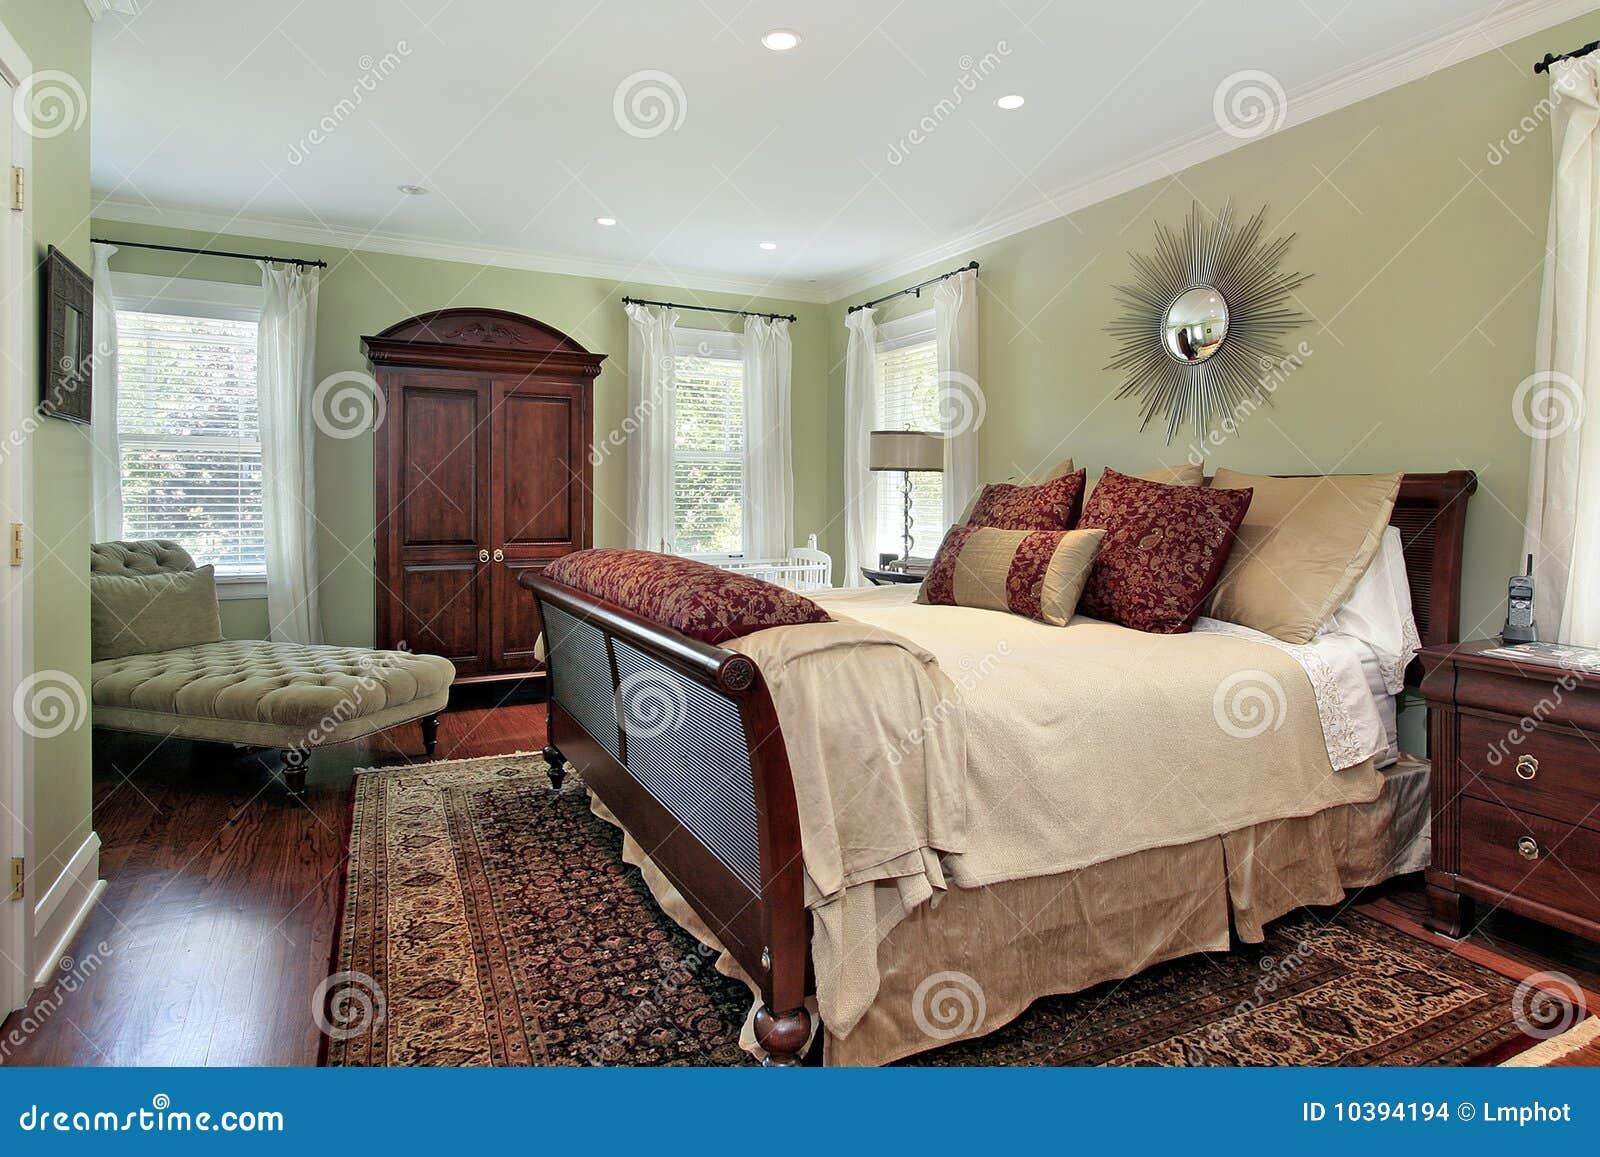 Camera da letto matrice con le pareti verdi immagini stock immagine 10394194 - Pareti camera letto ...